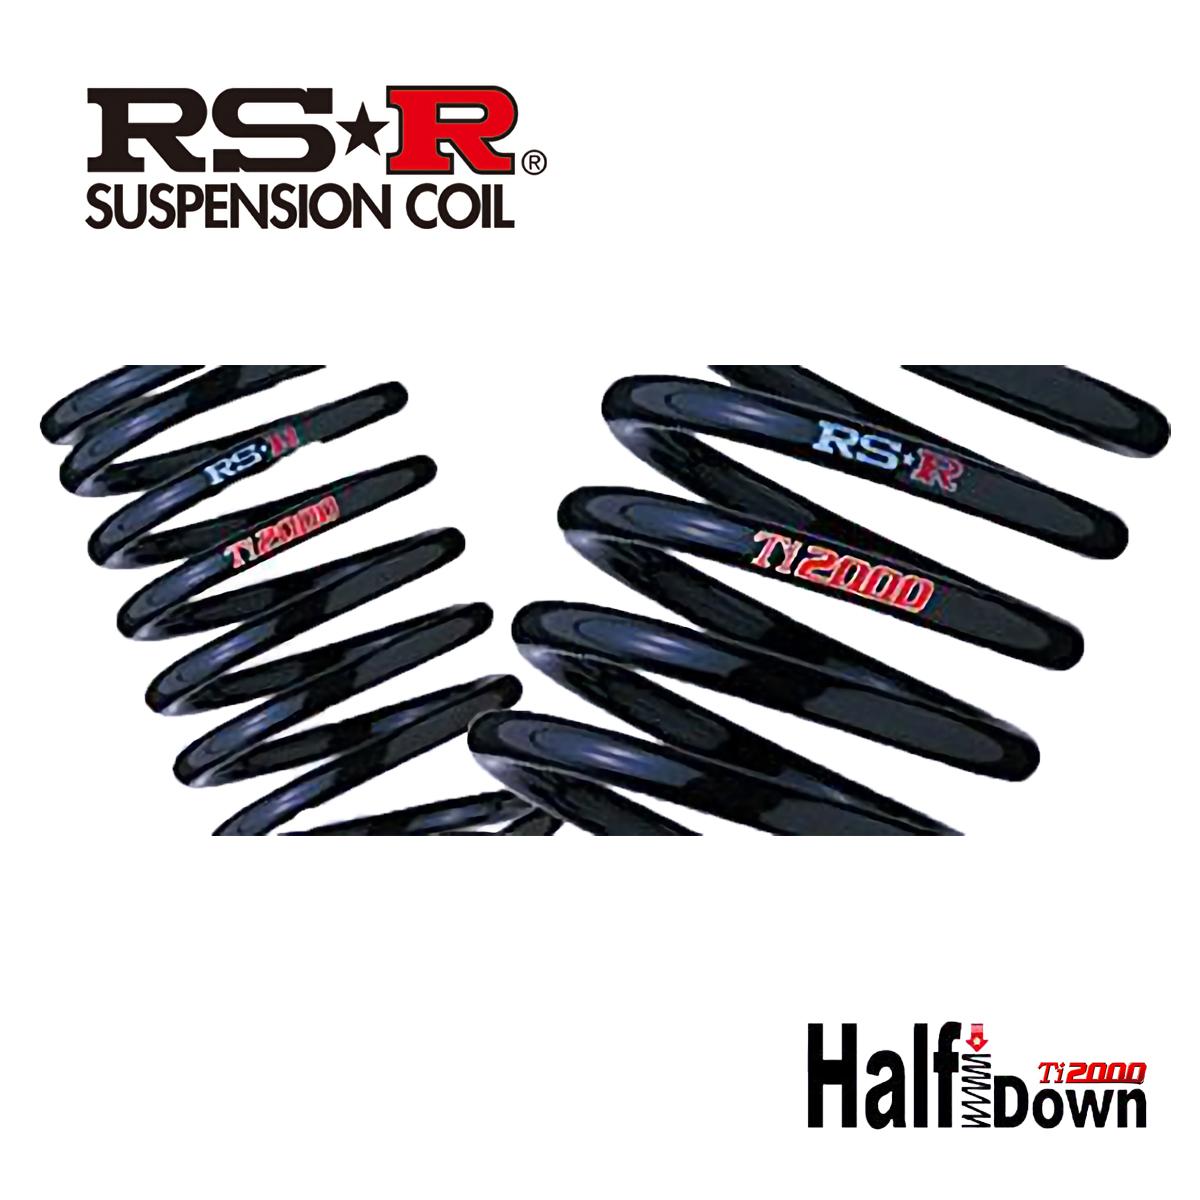 RS-R エスクァイア 4WD ZWR80G ダウンサス スプリング リアのみ T935TSR Ti2000 スーパーダウン RSR 個人宅発送追金有